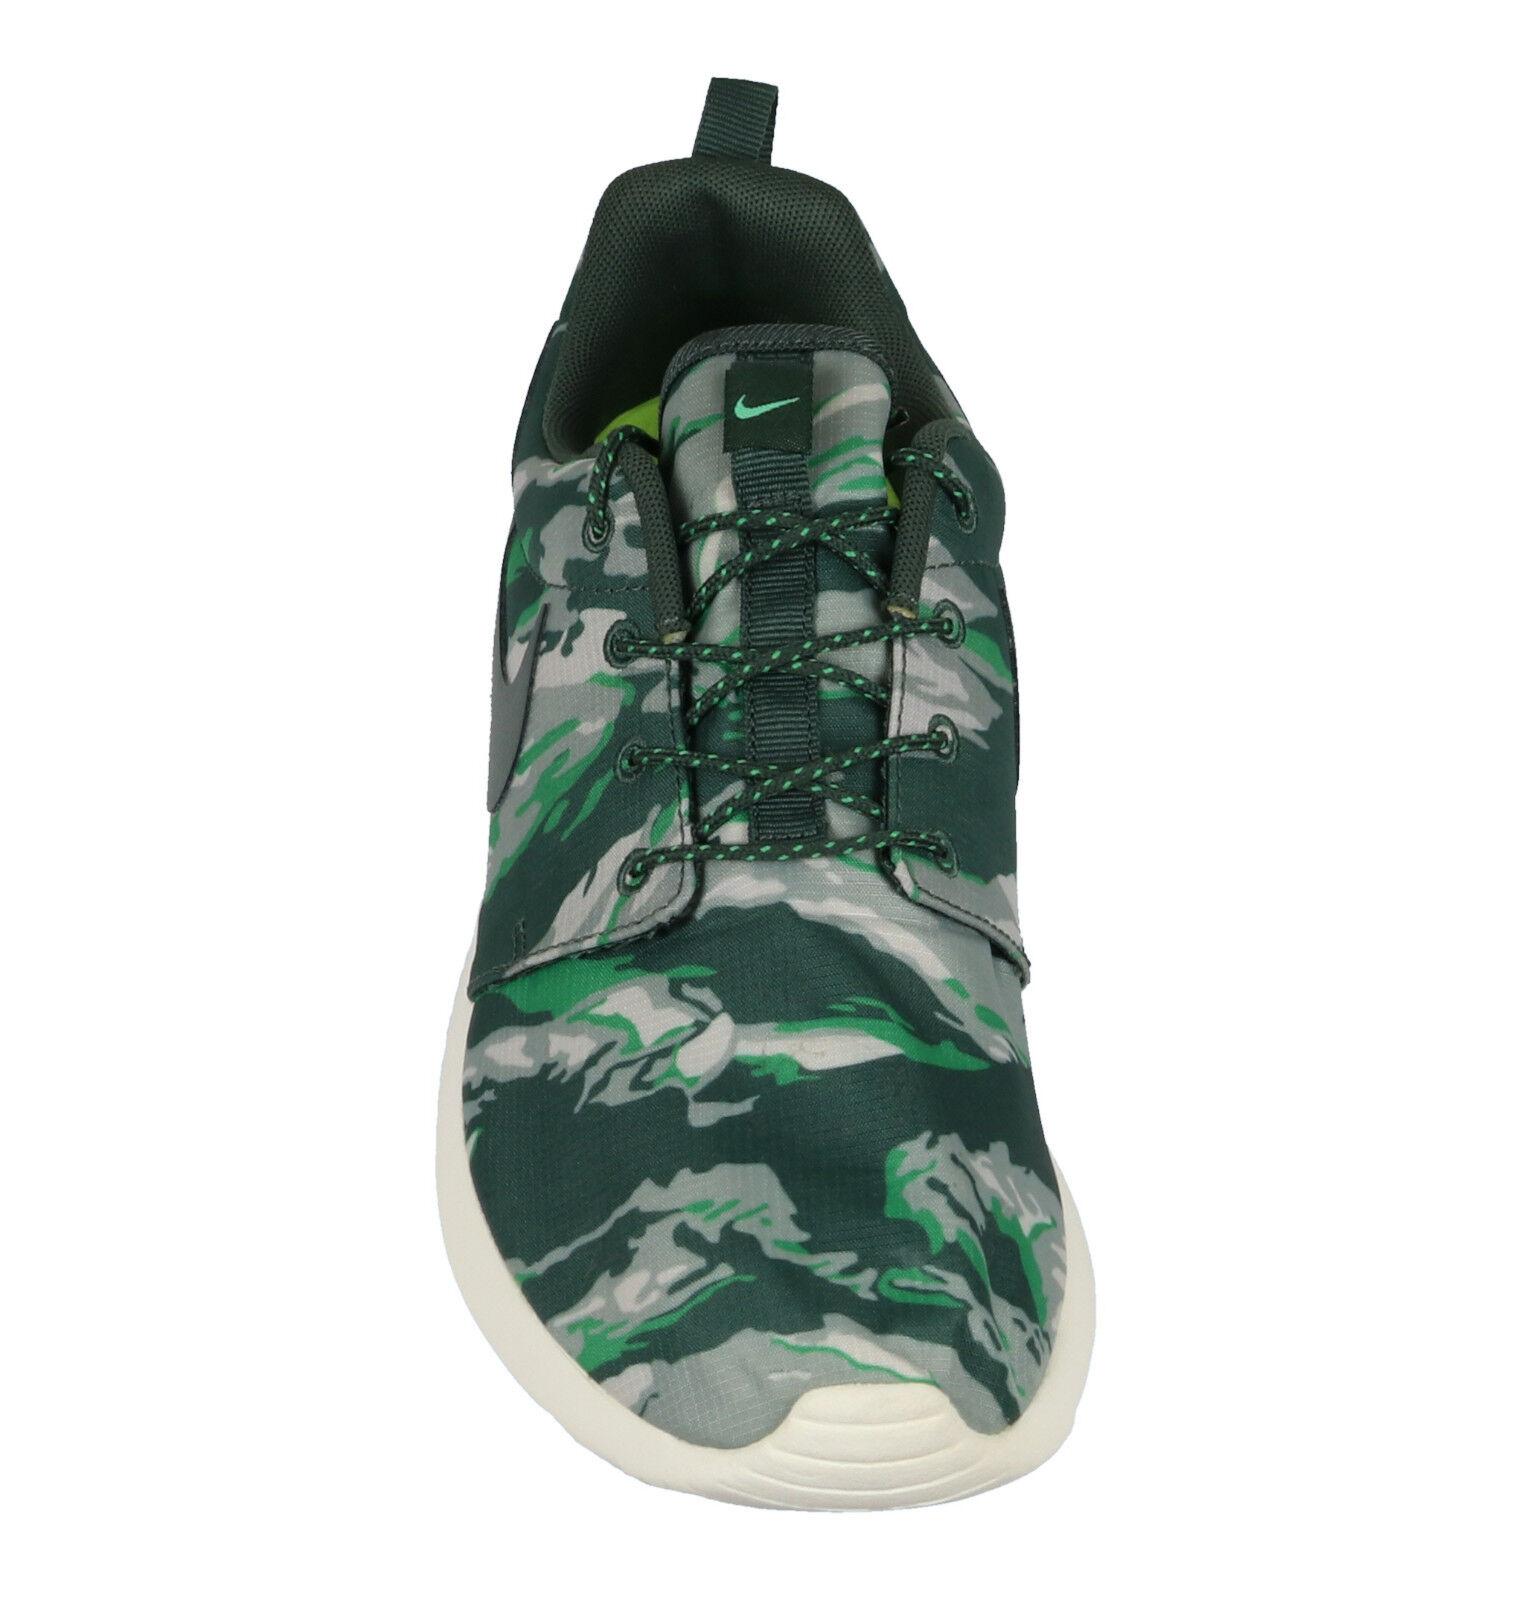 Nike Rosherun GPX Sz 8 Verde Vintage Gamma Gamma Gamma Tiger Stripes Premium Roshe | Lasciare Che Il Nostro Commodities Andare Per Il Mondo  | Negozio online di vendita  | Uomo/Donne Scarpa  da95f1